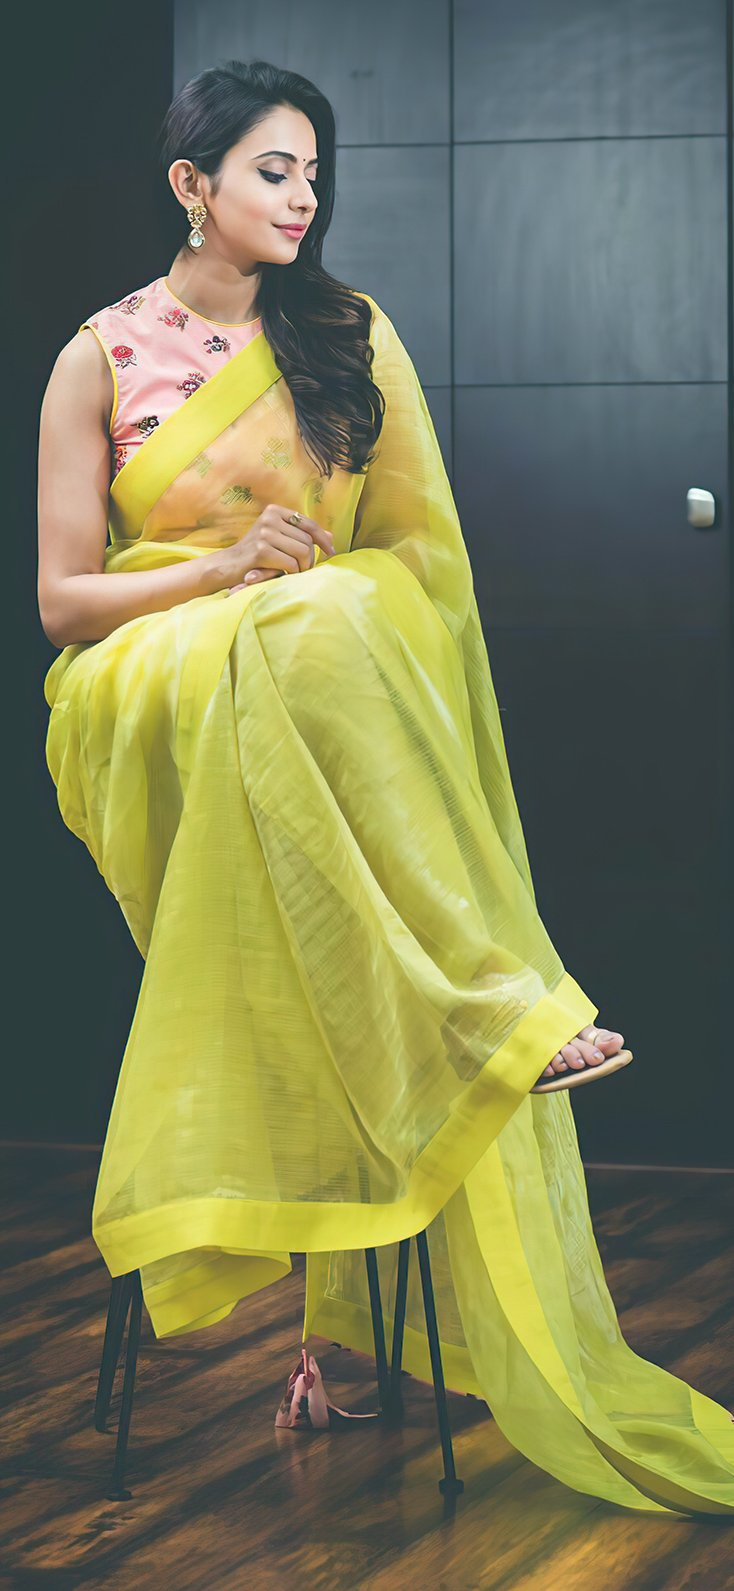 రకుల్ ప్రీత్ సింగ్ (Instagram/Photo)